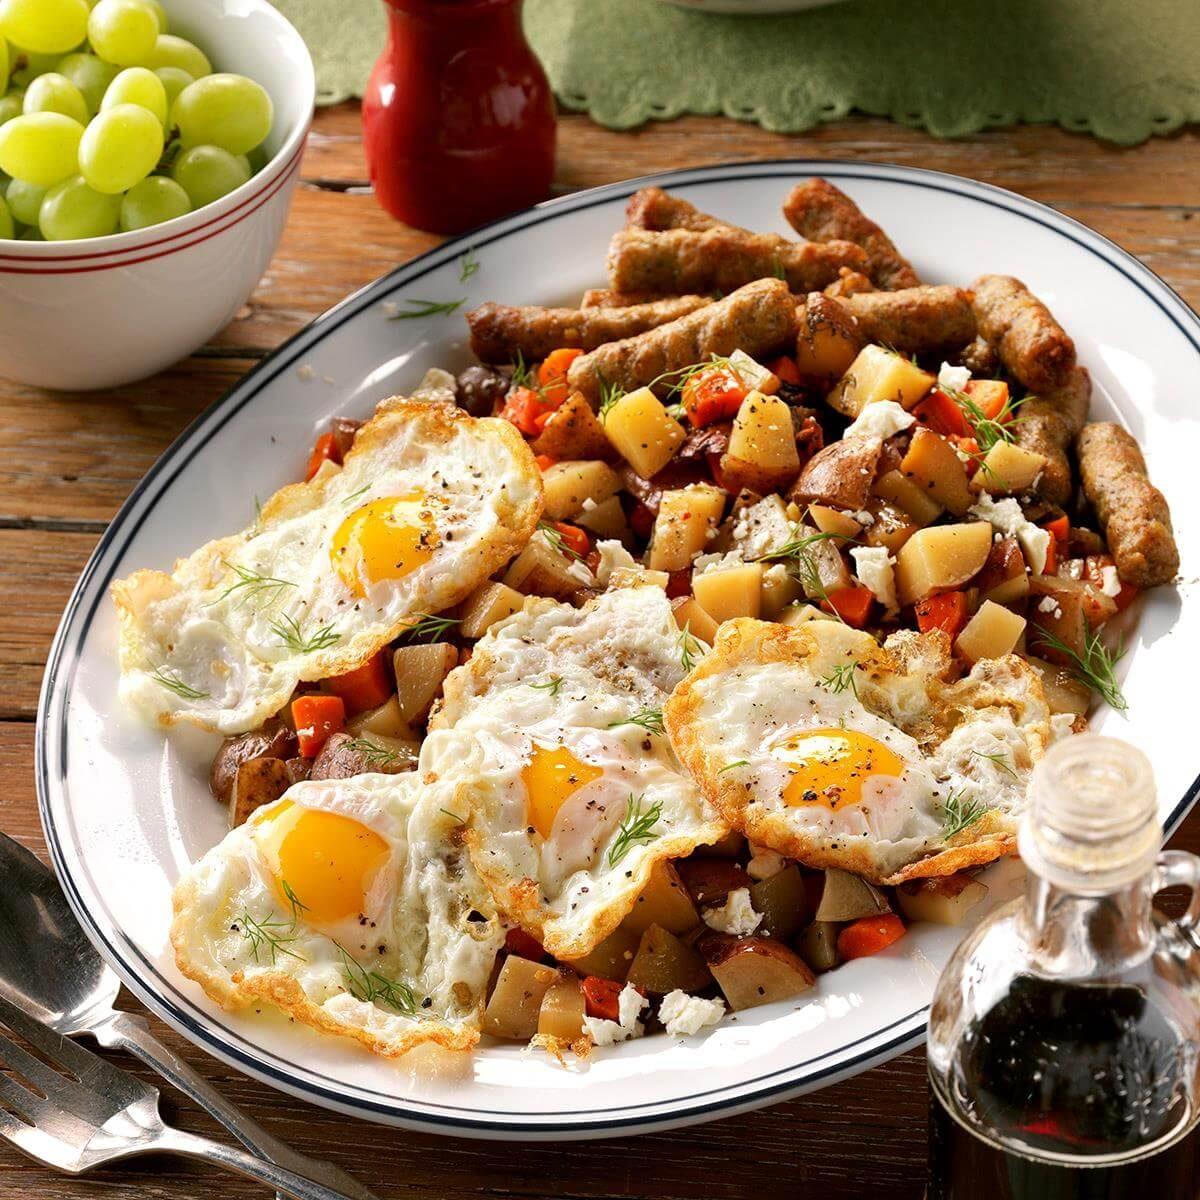 St Patrick S Day Breakfast She Brooke: 25 Hearty St. Patrick's Day Breakfast Ideas